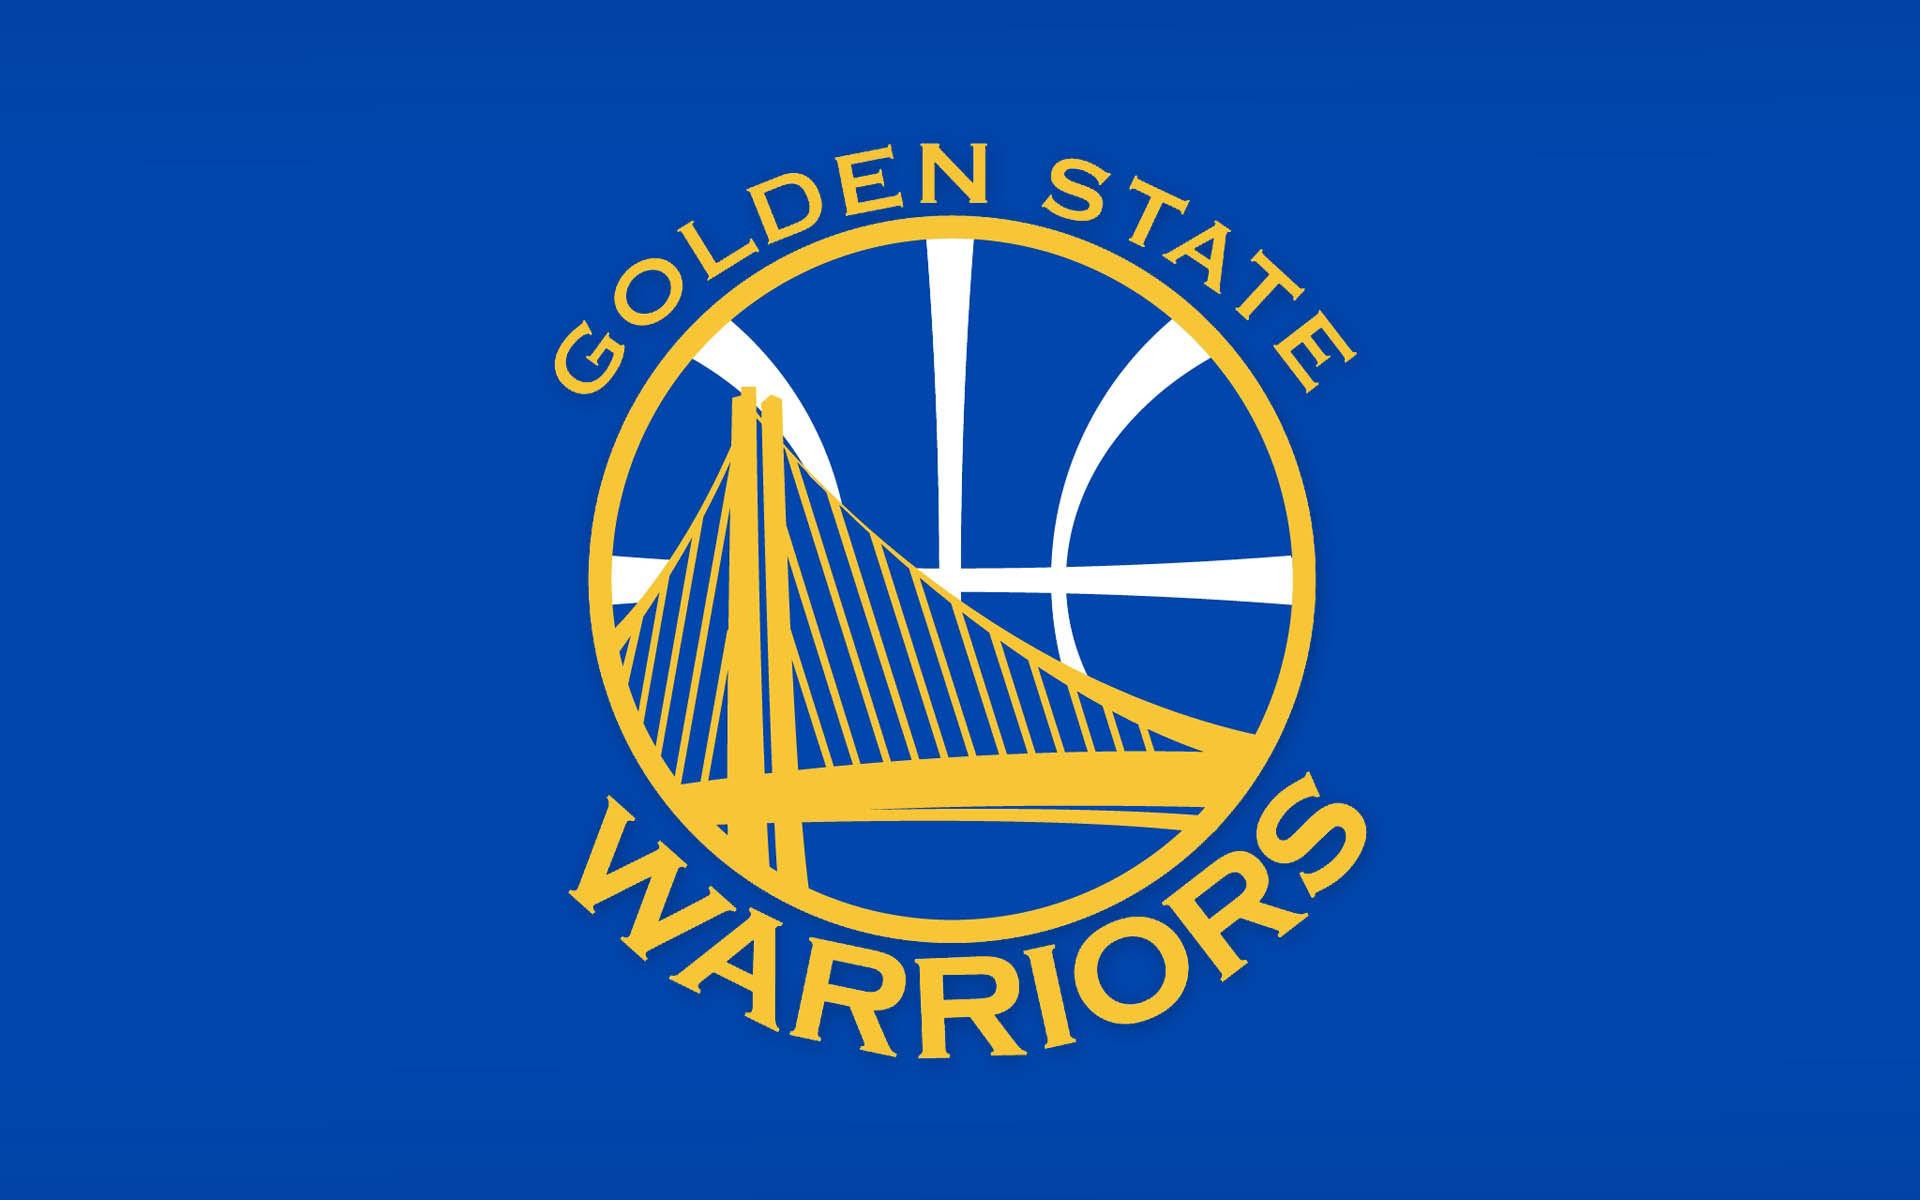 NBA Golden State Warriors Logo wallpaper